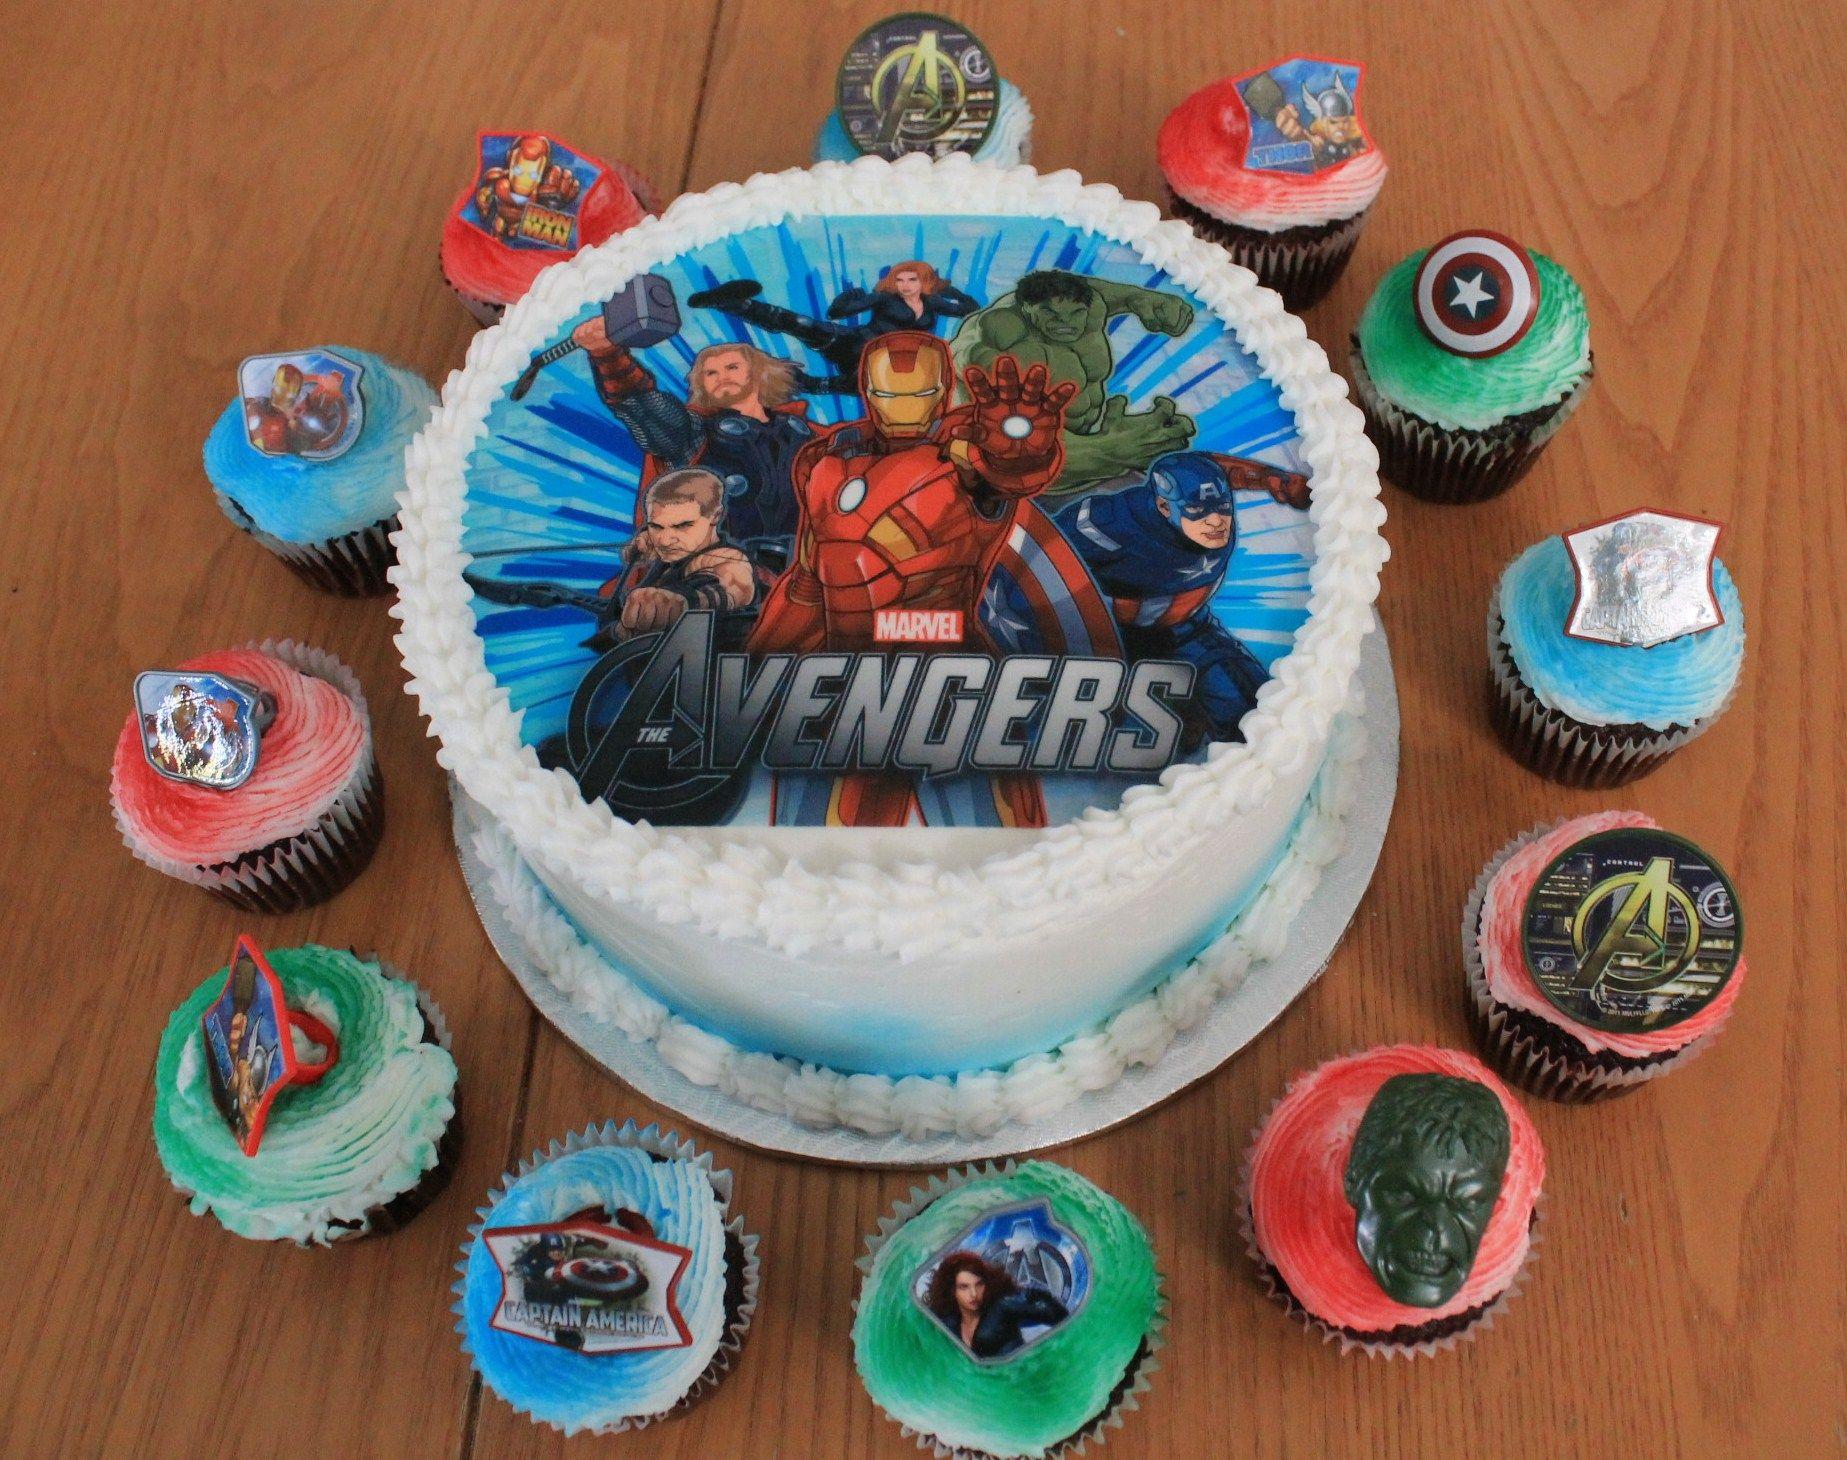 Gateau avengers avec cupcakes de cr ations vivi pinterest gateau avengers - Jeux de decoration de gateau ...